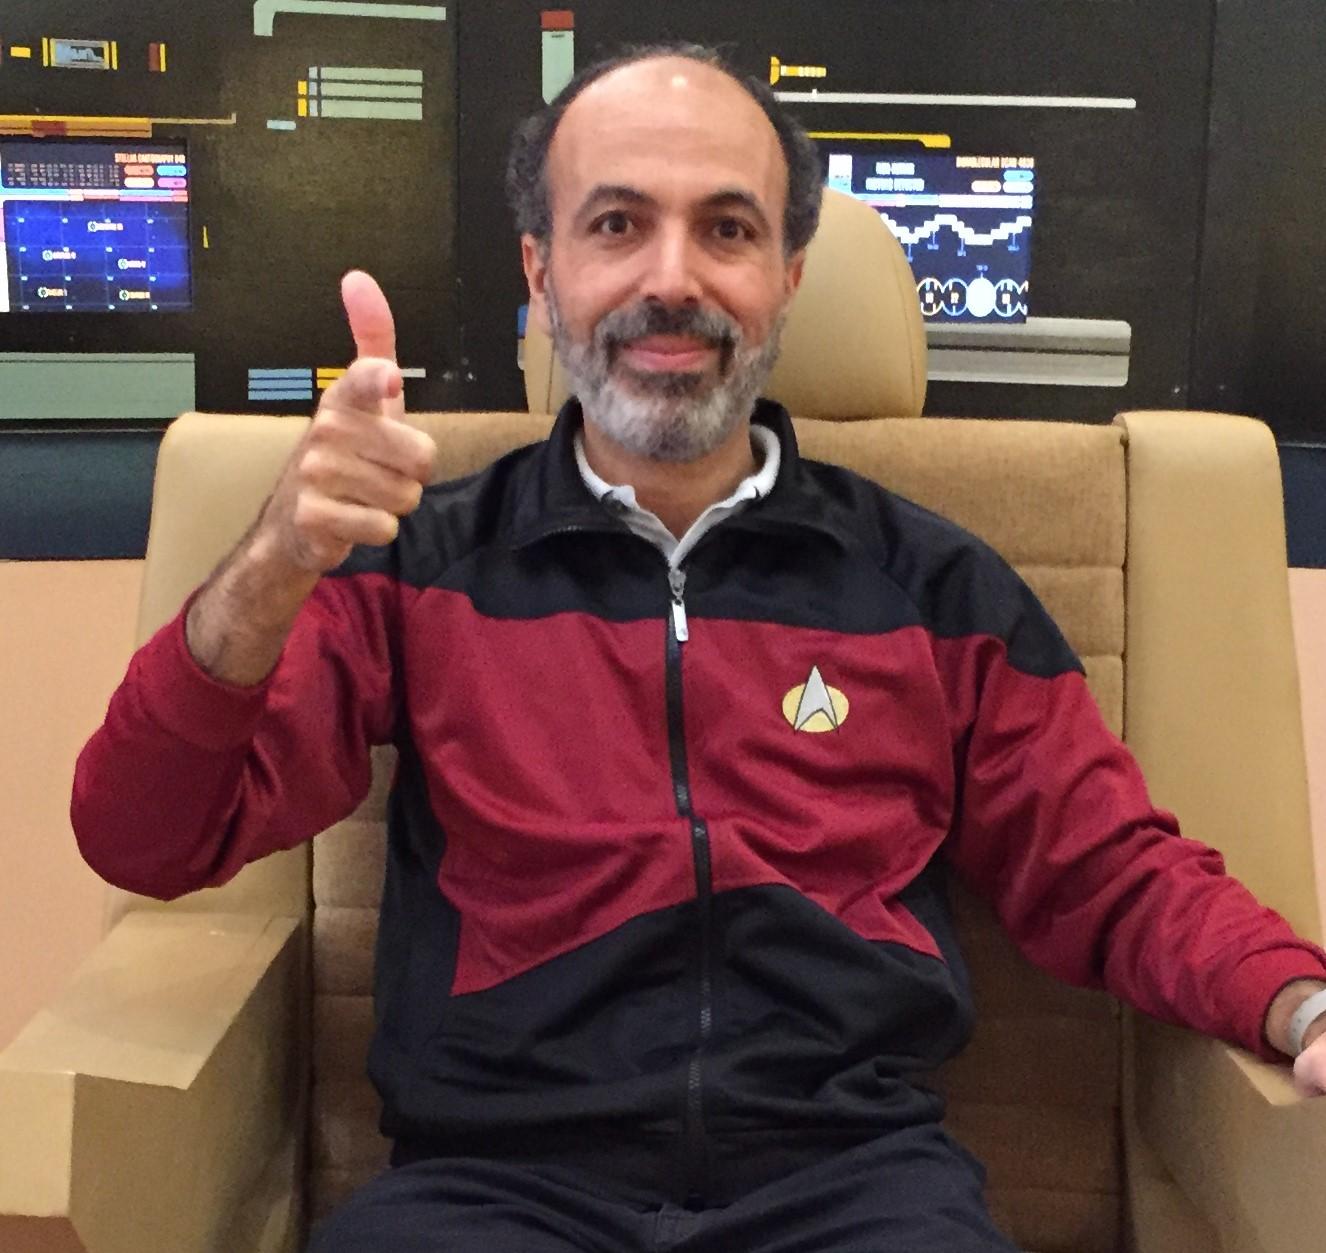 Mohamed Noor commanding the Enterprise